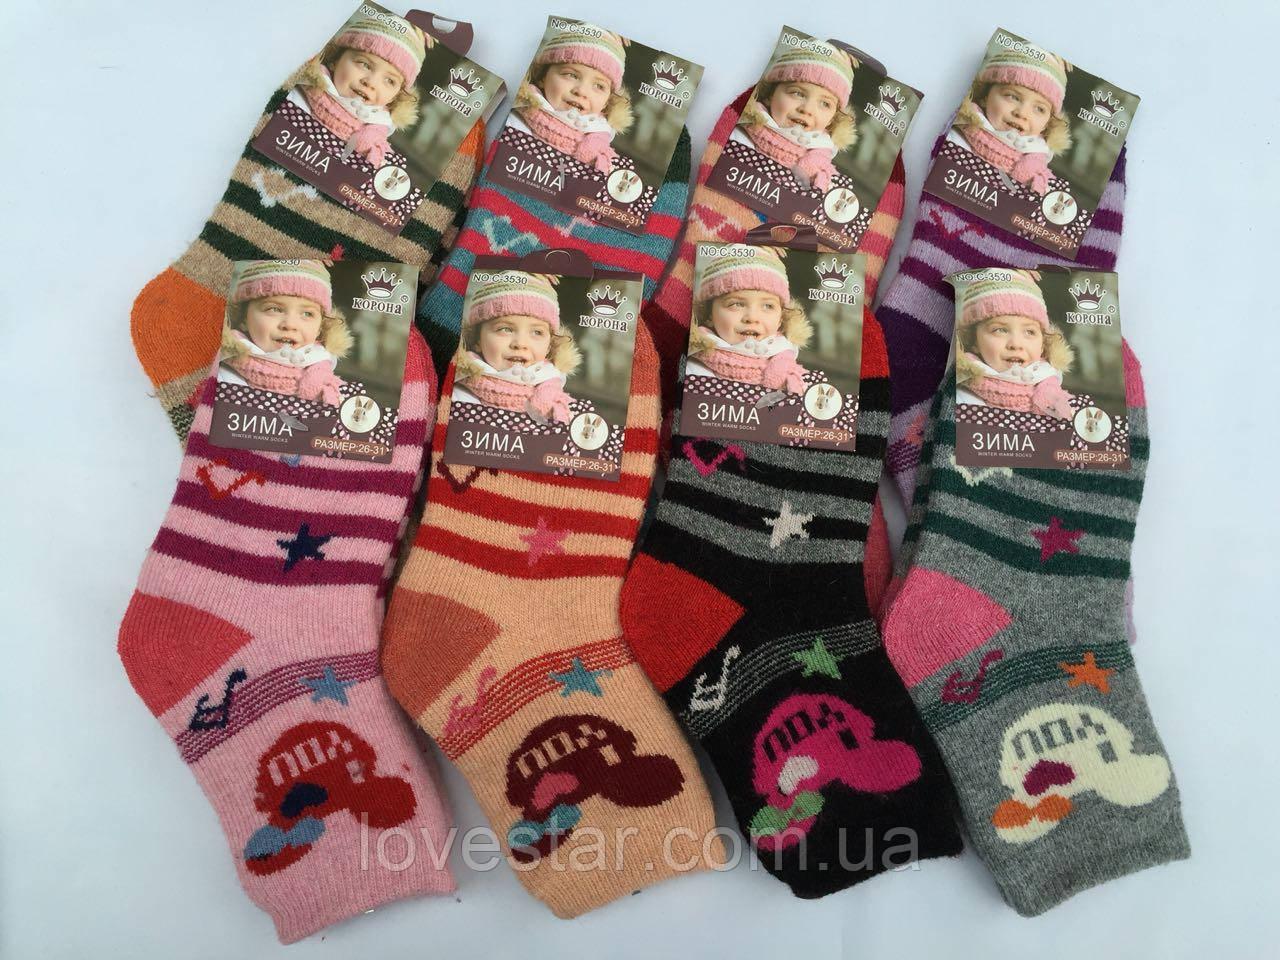 Вовняні шкарпетки Ангора корона 26-31 (C3533)